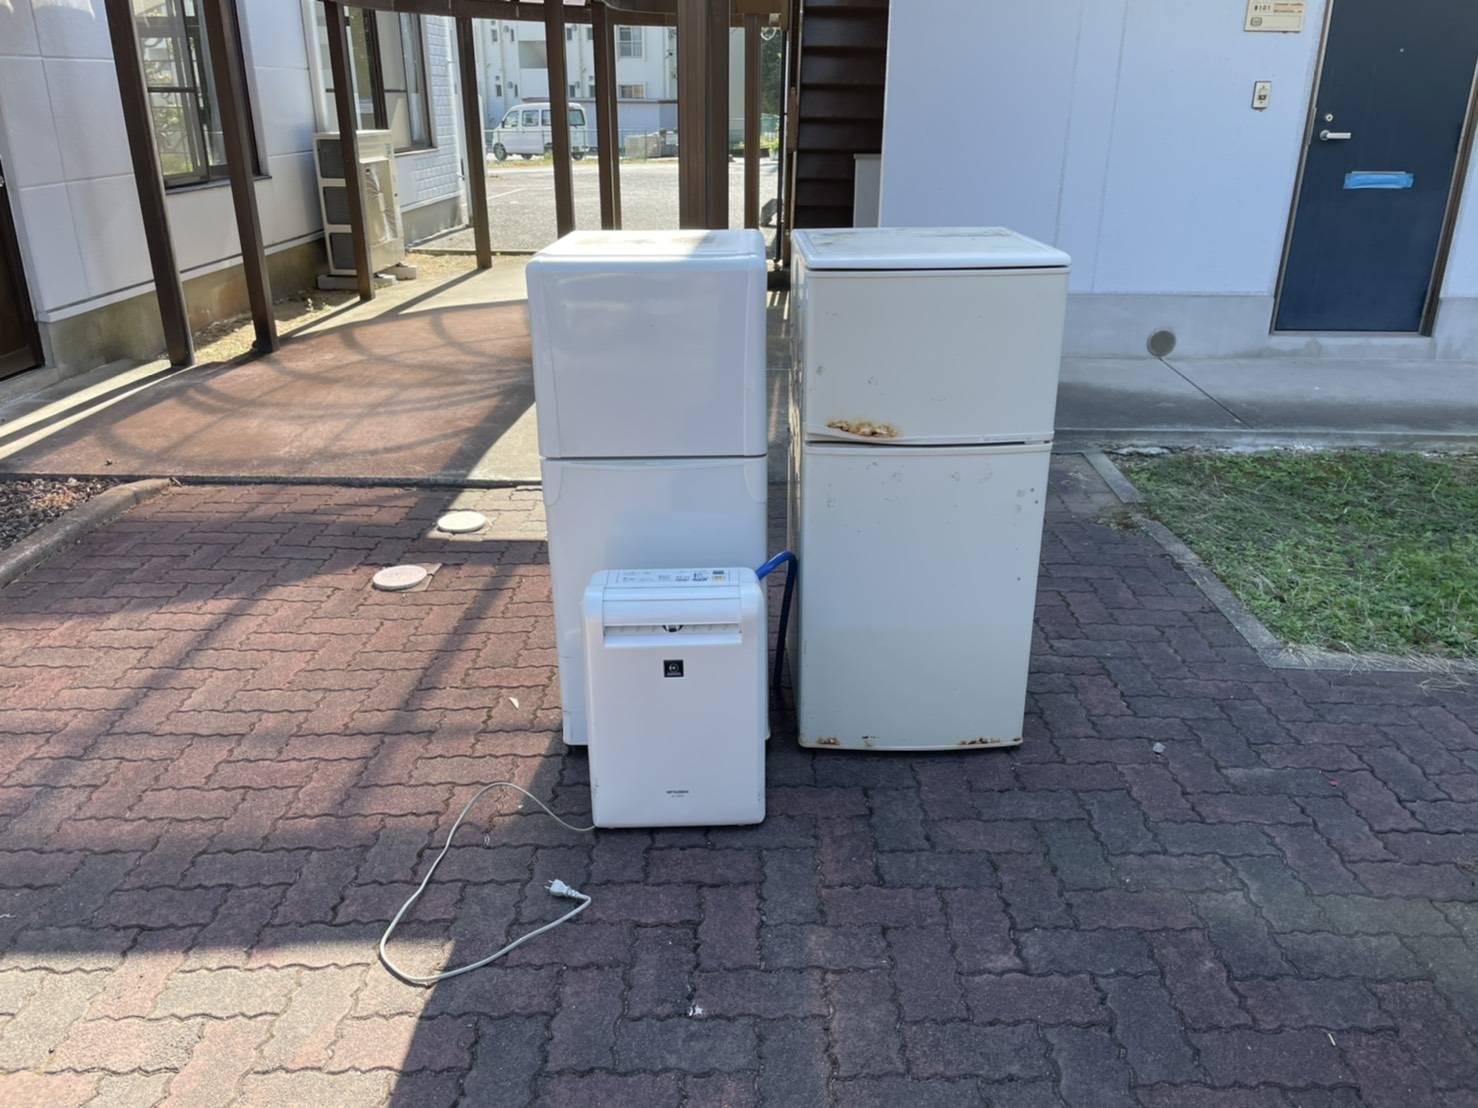 冷蔵庫、空気清浄機の回収前